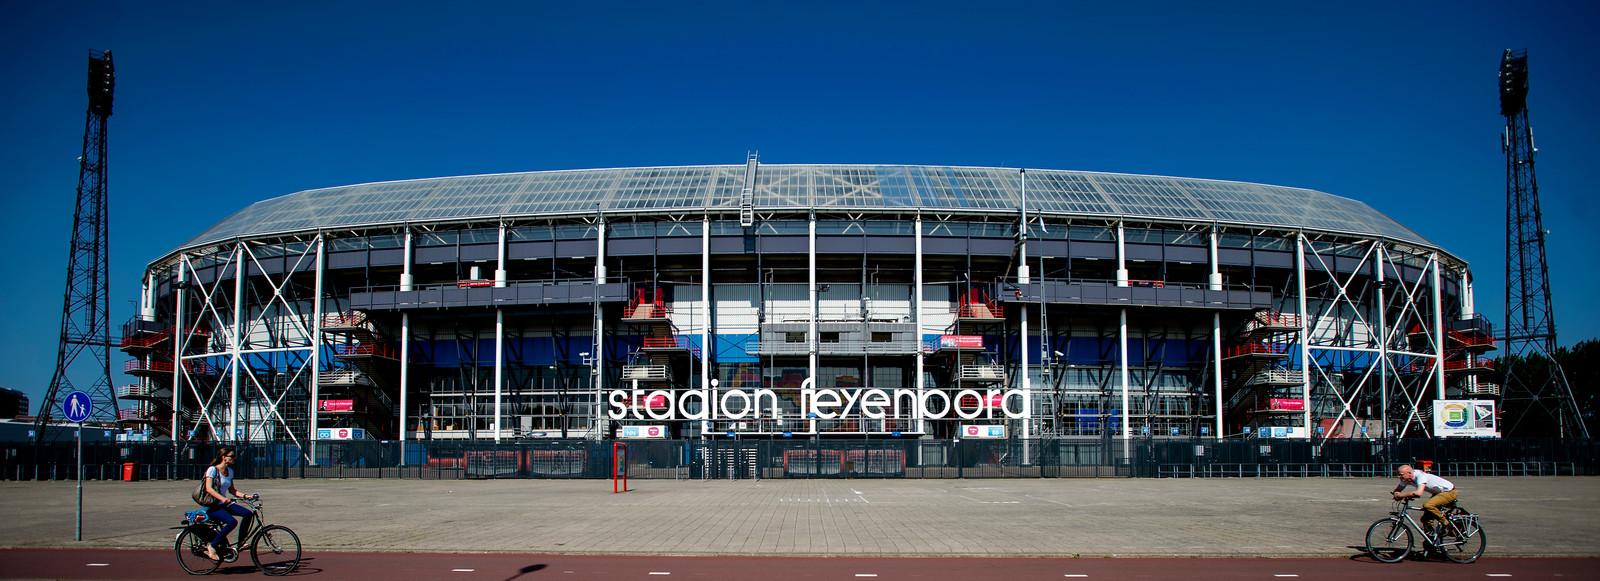 Het huidige stadion de Kuip van de Rotterdamse voetbalclub Feyenoord.